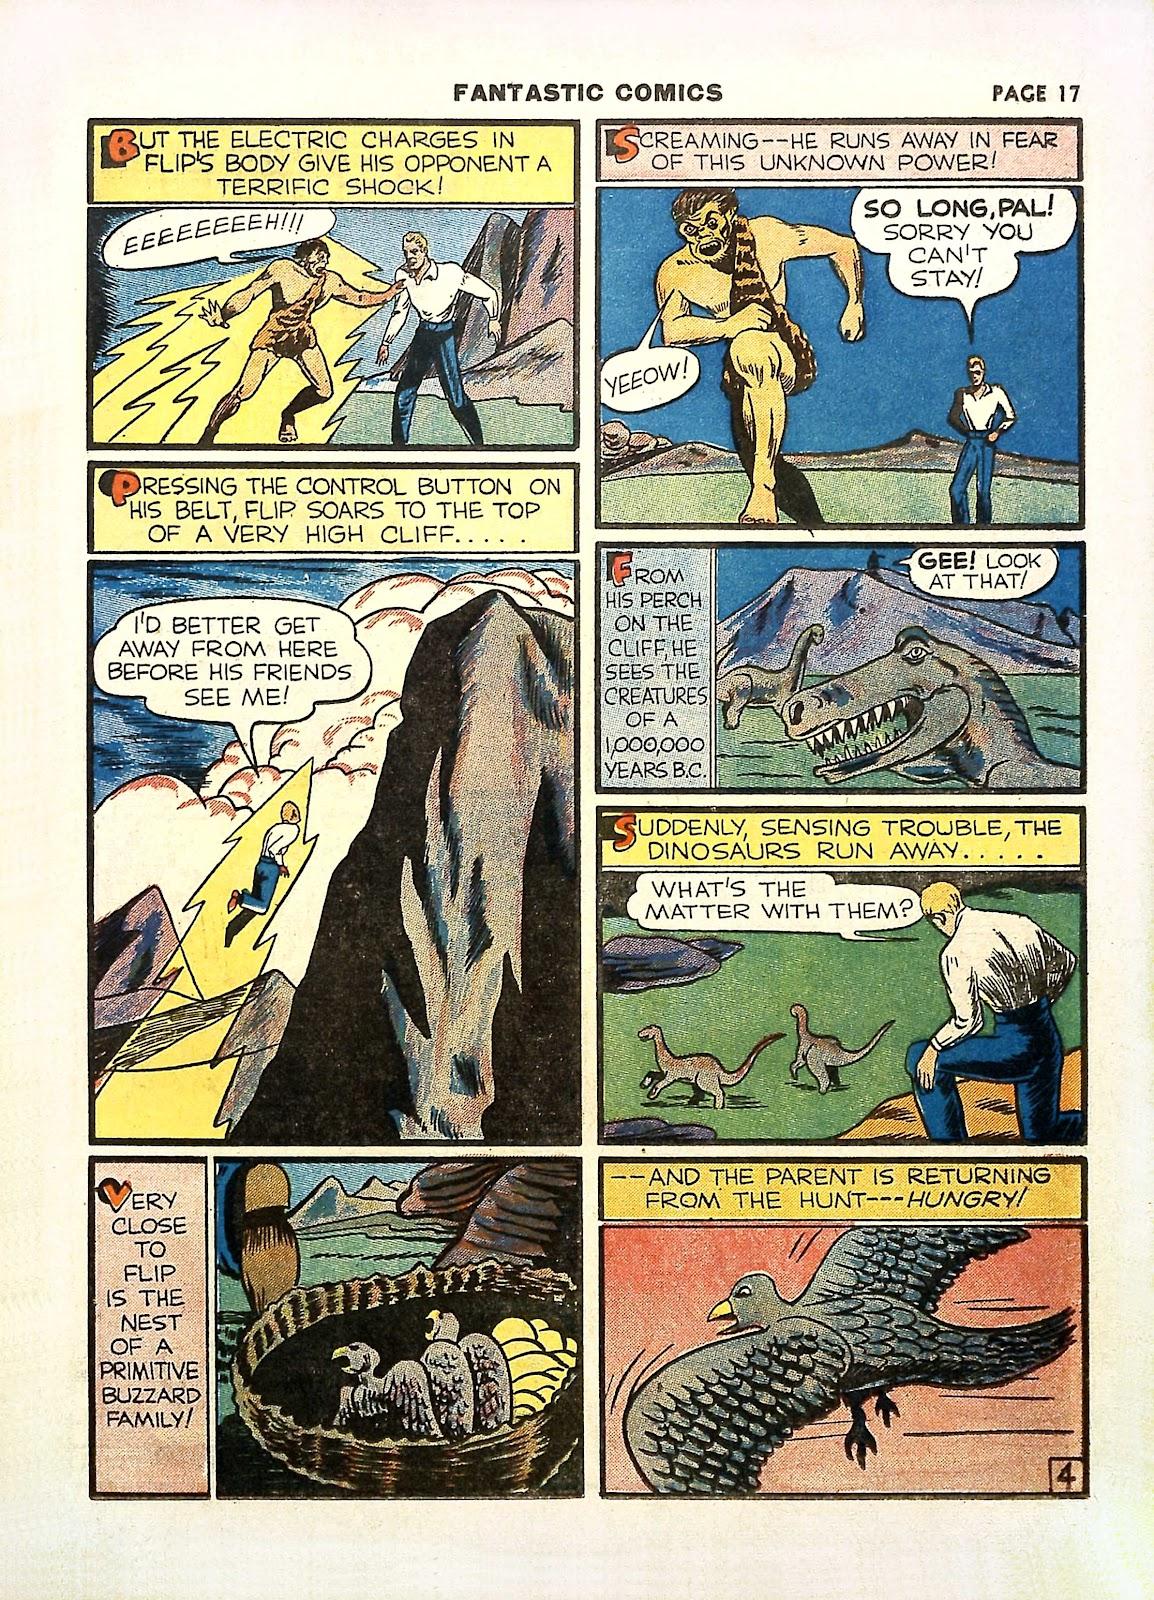 Read online Fantastic Comics comic -  Issue #11 - 20